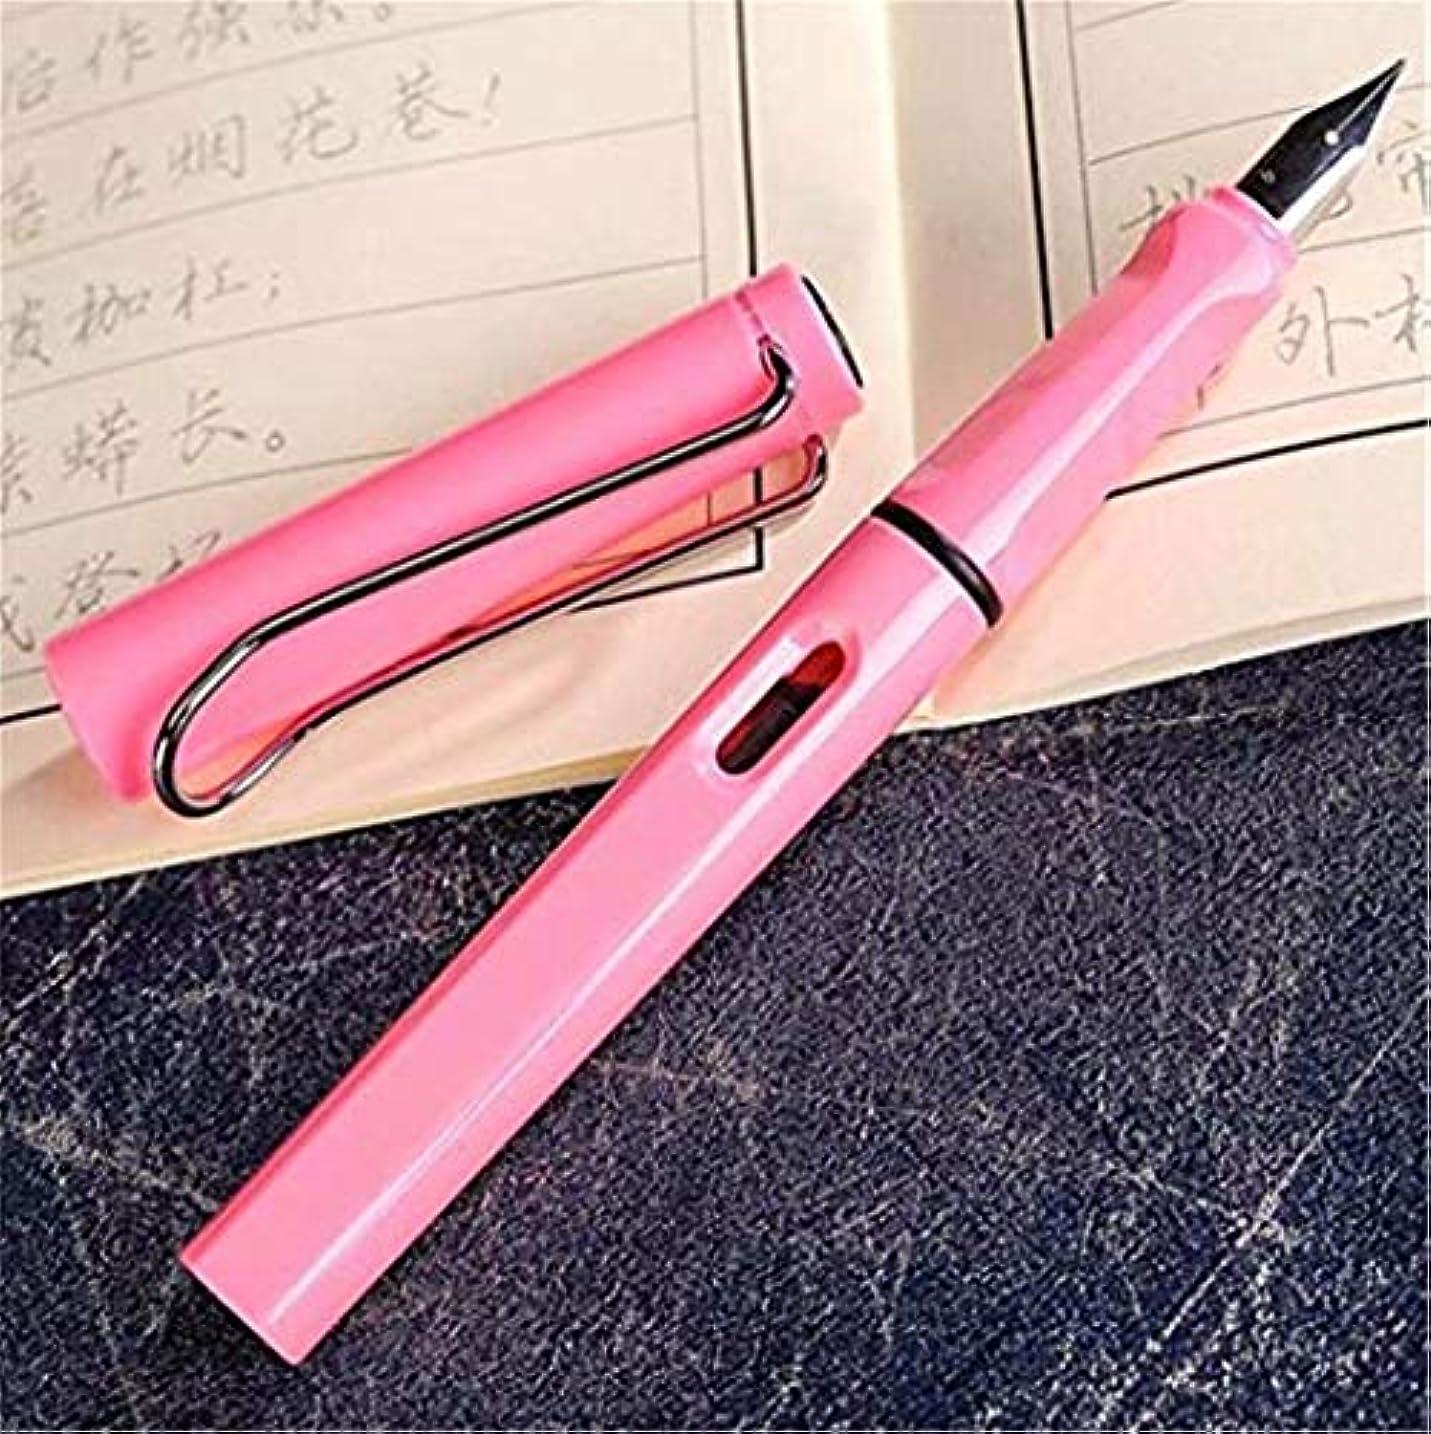 生き残り武装解除靄七里の香 ミリメートルストレートペン先のインクリフィル万年筆、ブラックゴールドトーン …